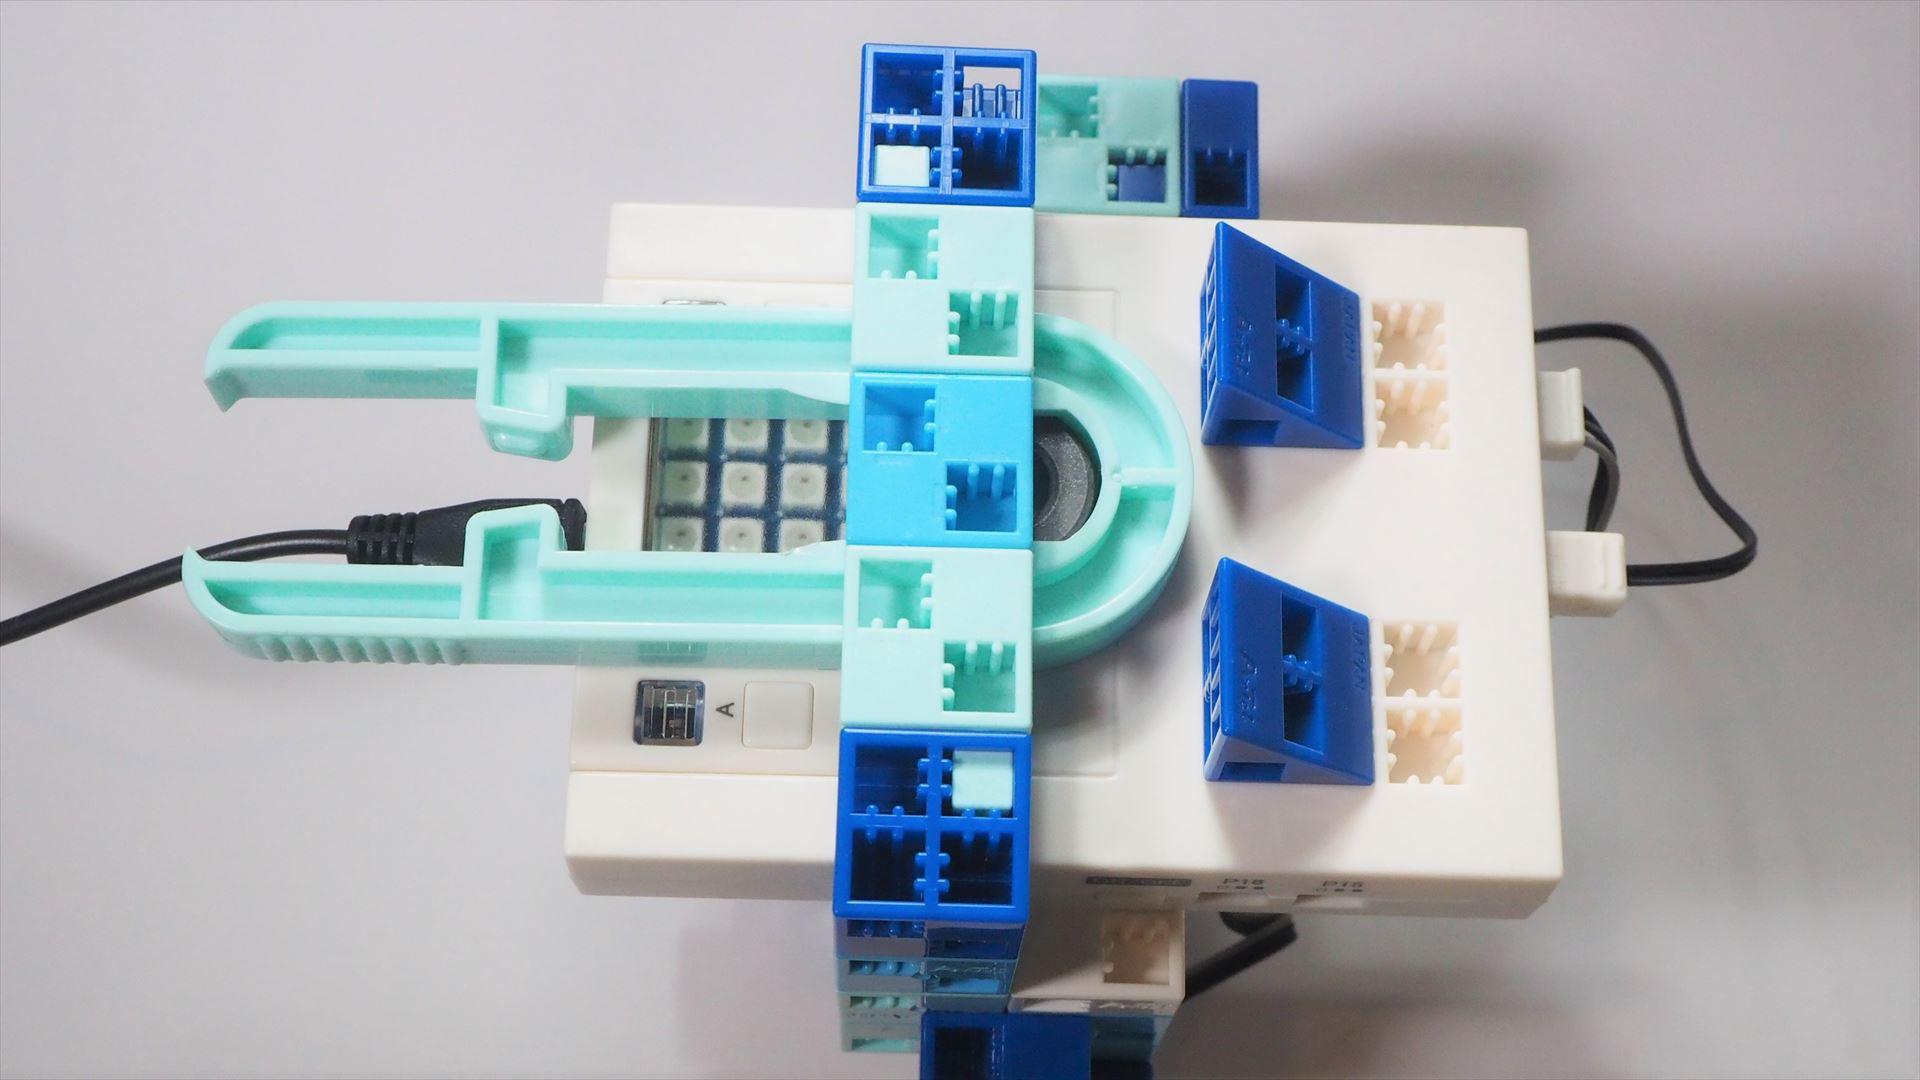 磁石をはめたブロックリムーバーを「アーテックロボ2.0」の上にはめ込むことで、「リーフシールド」が使えるようになる